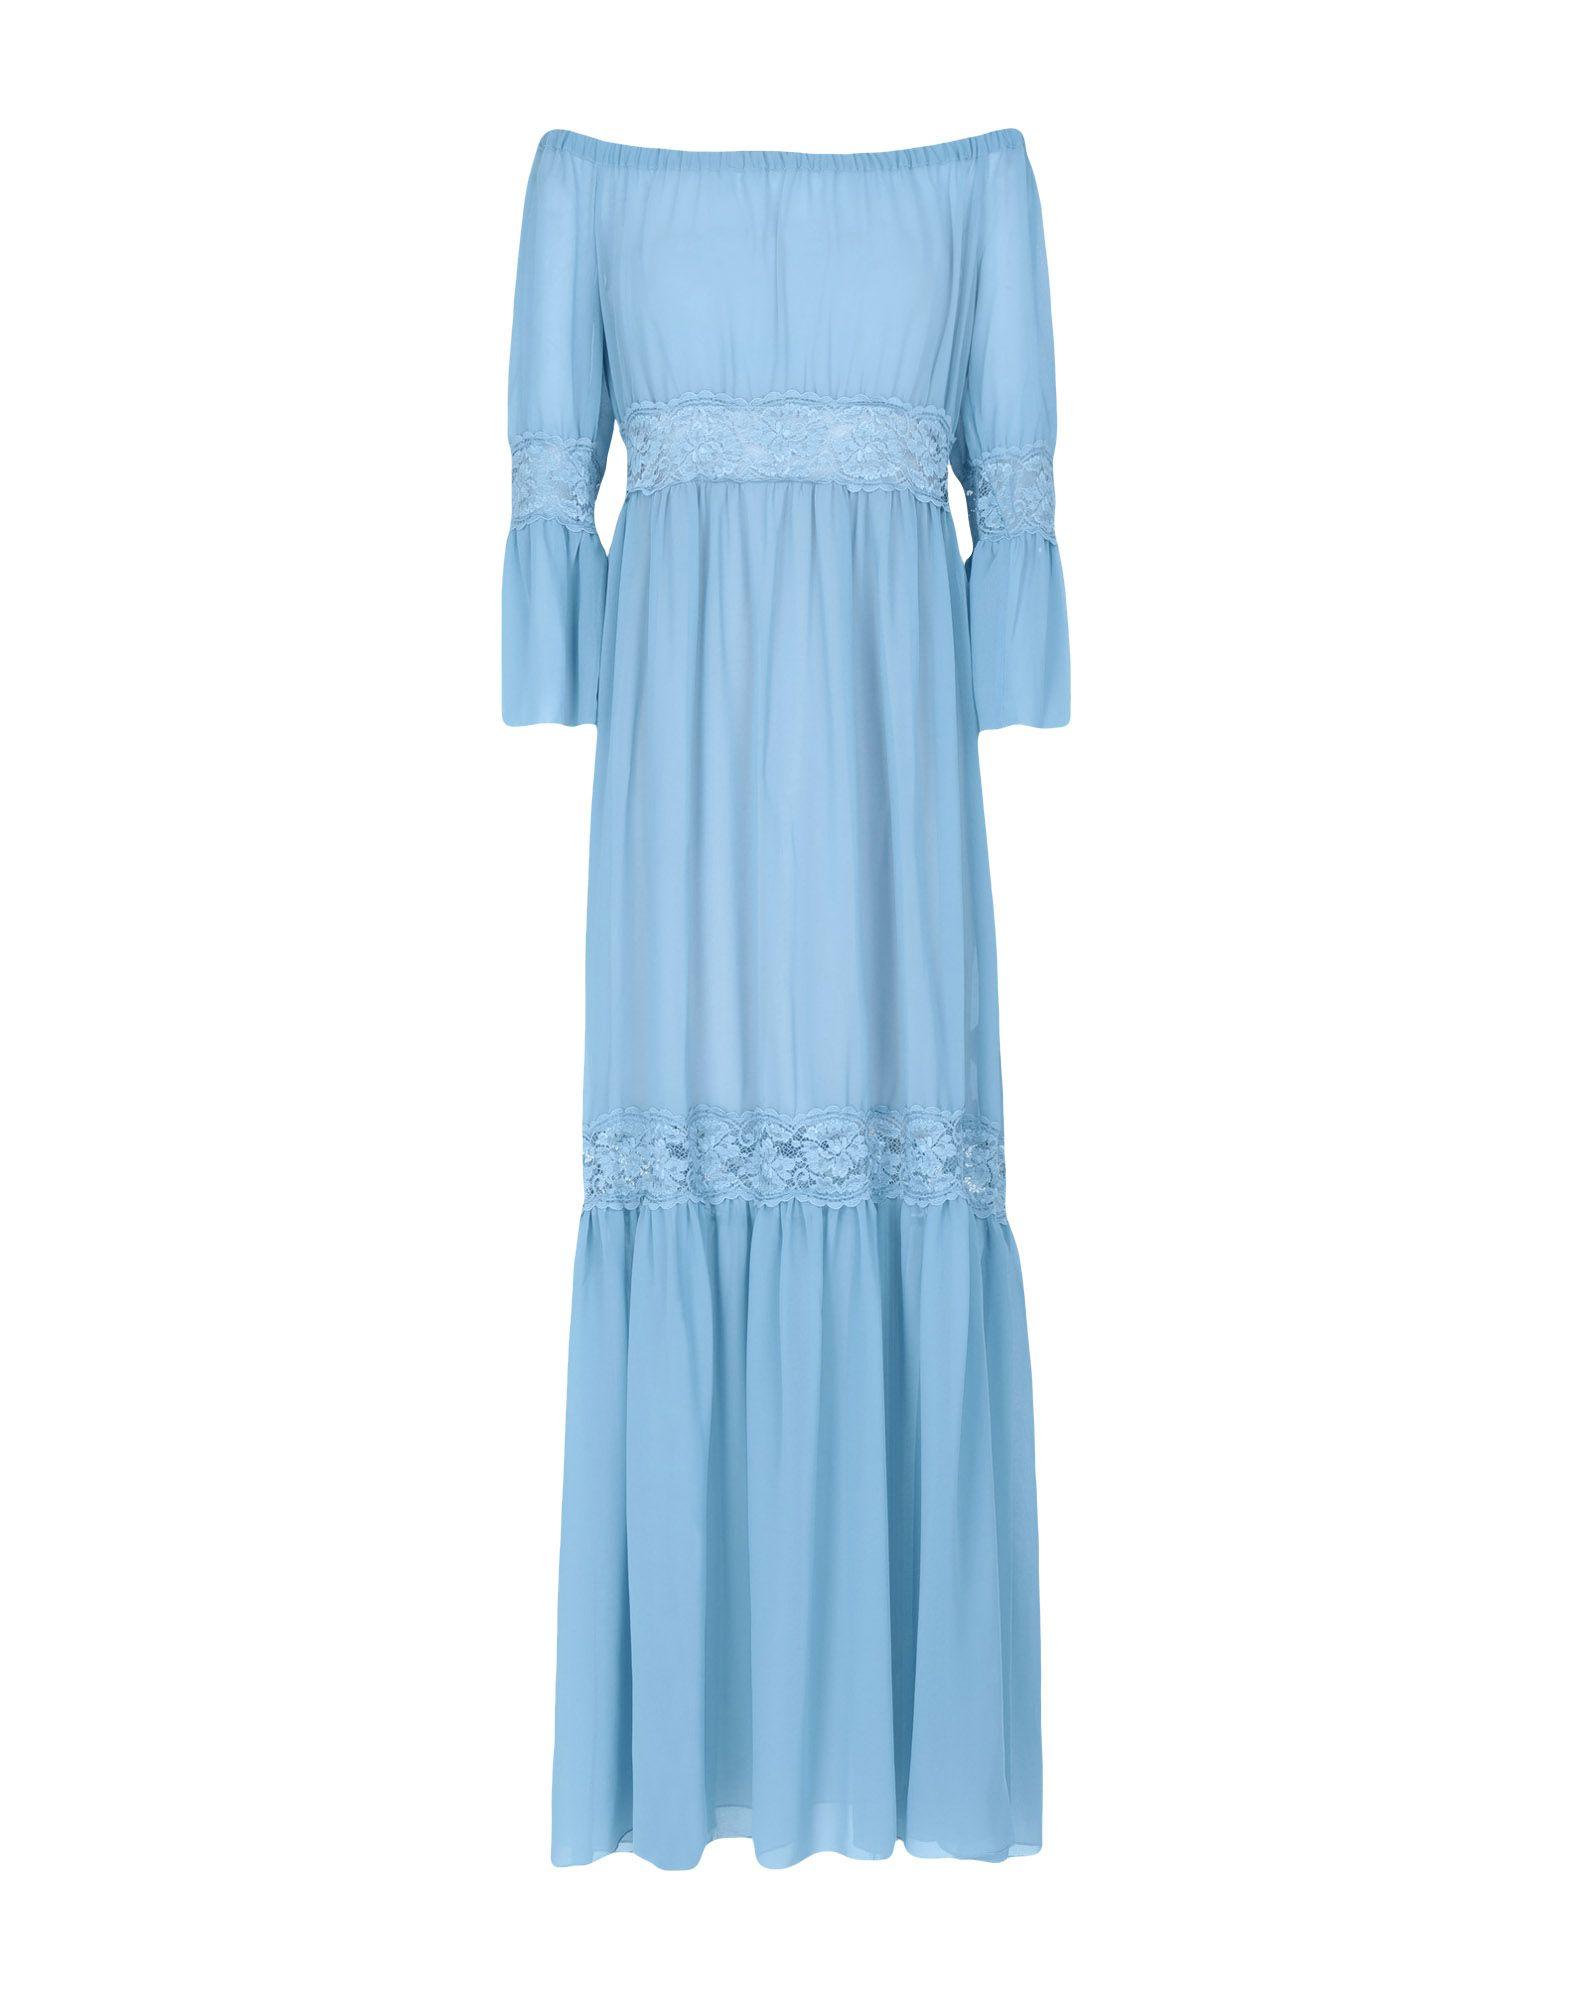 KI6? WHO ARE YOU? Платье длиной 3/4